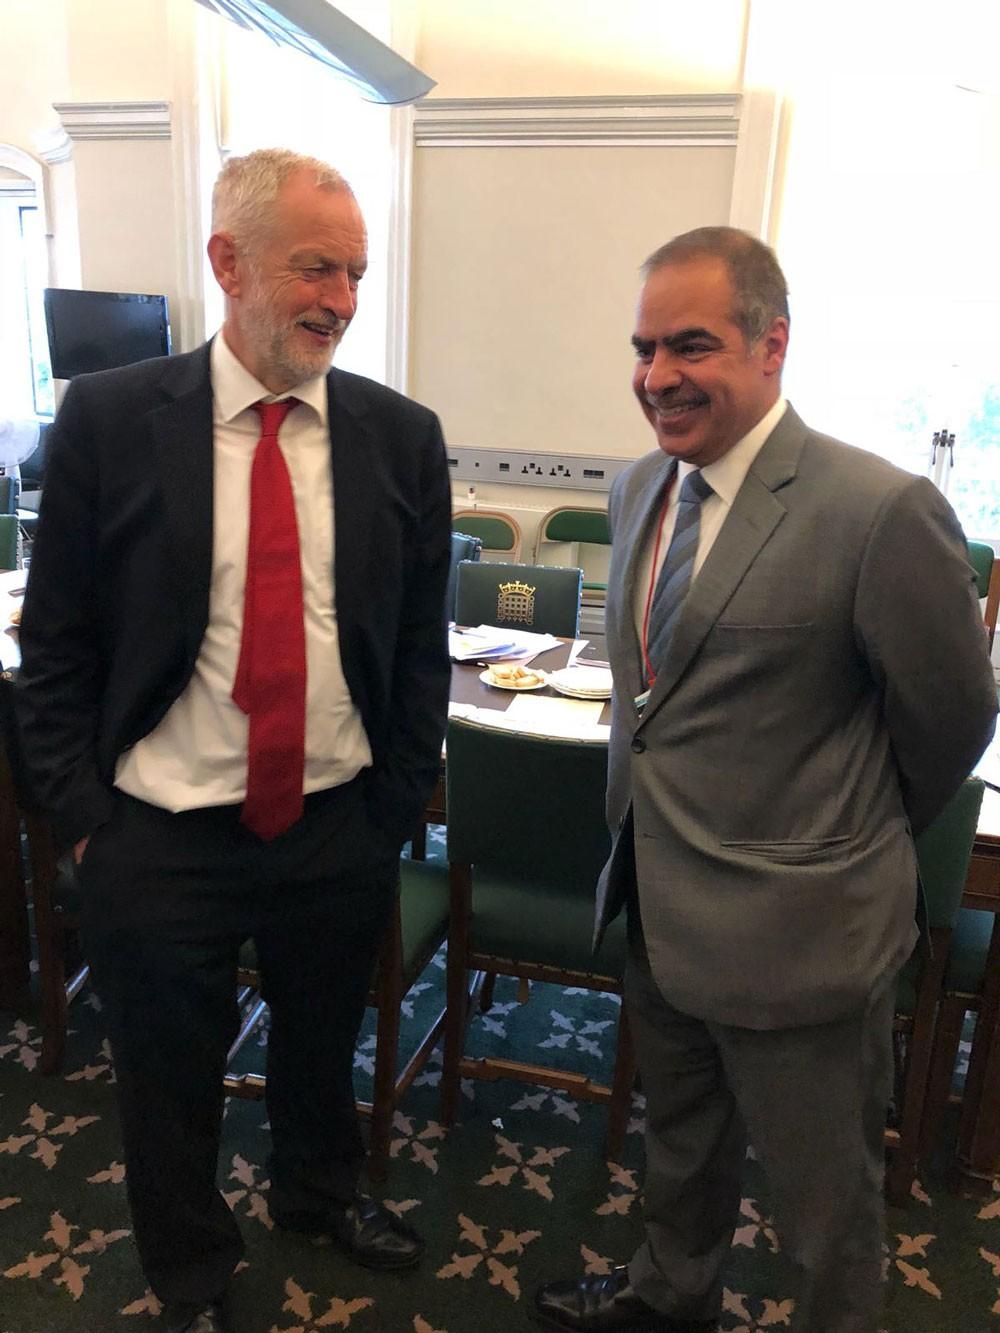 سفير البحرين لدى بريطانيا يجتمع بعضو مجلس العموم